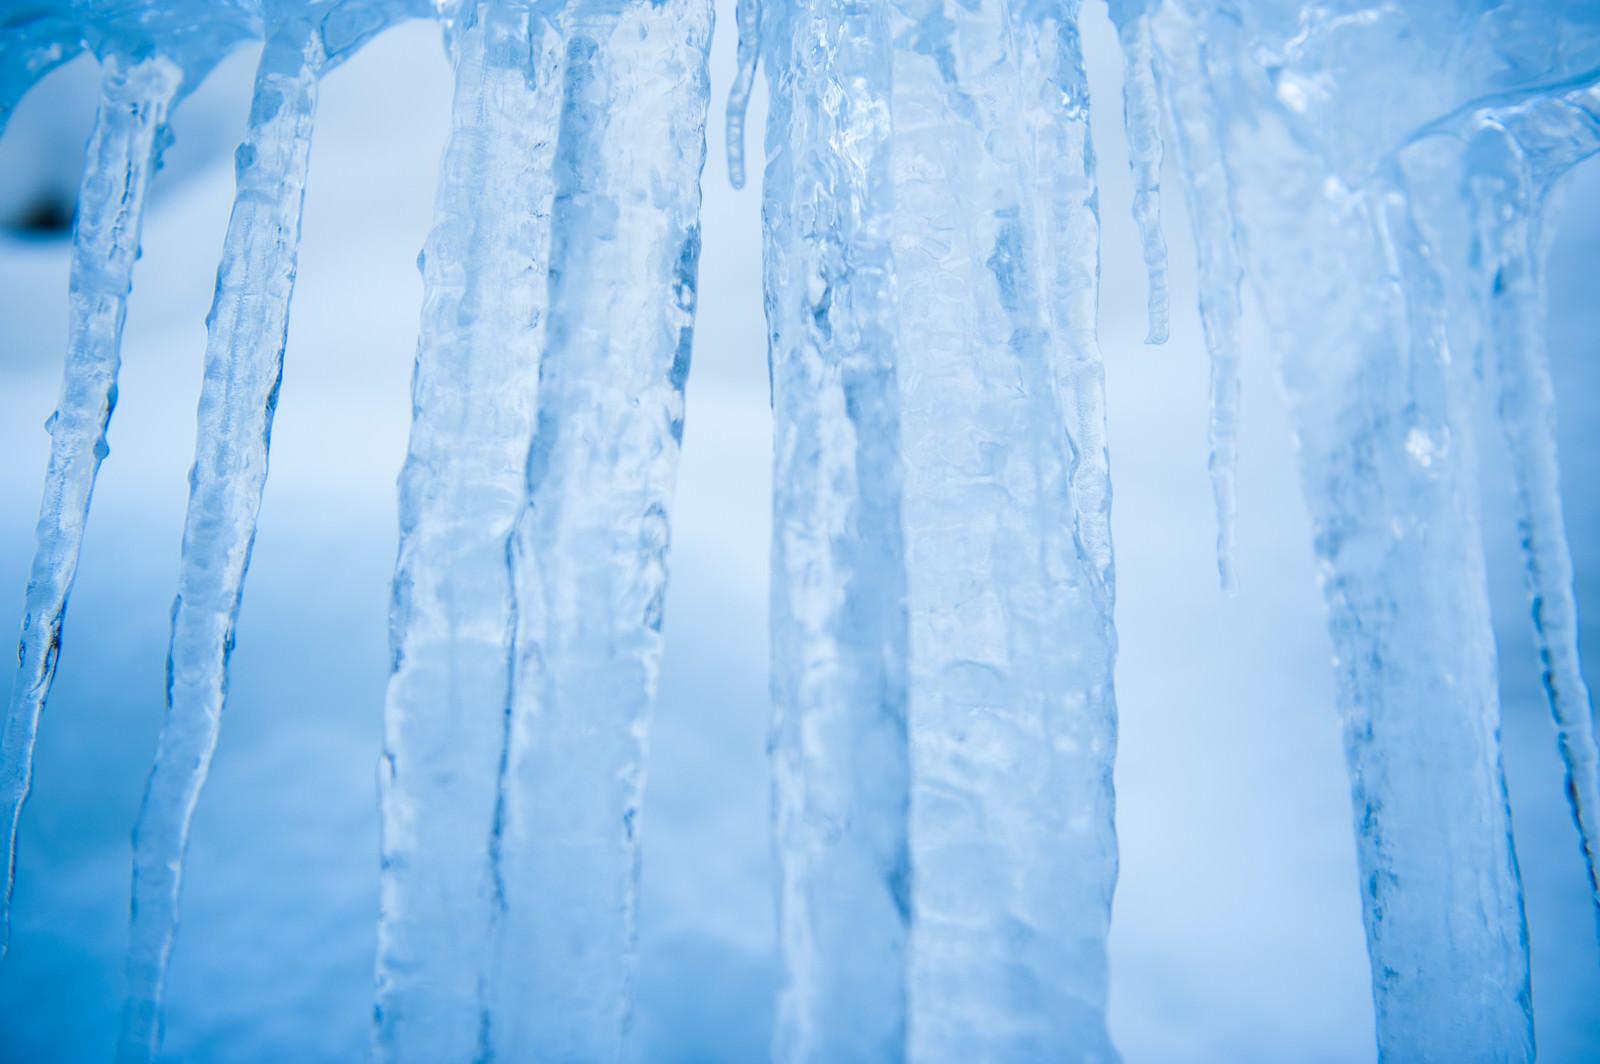 「積雪が透けて見える氷柱(つらら)」の写真